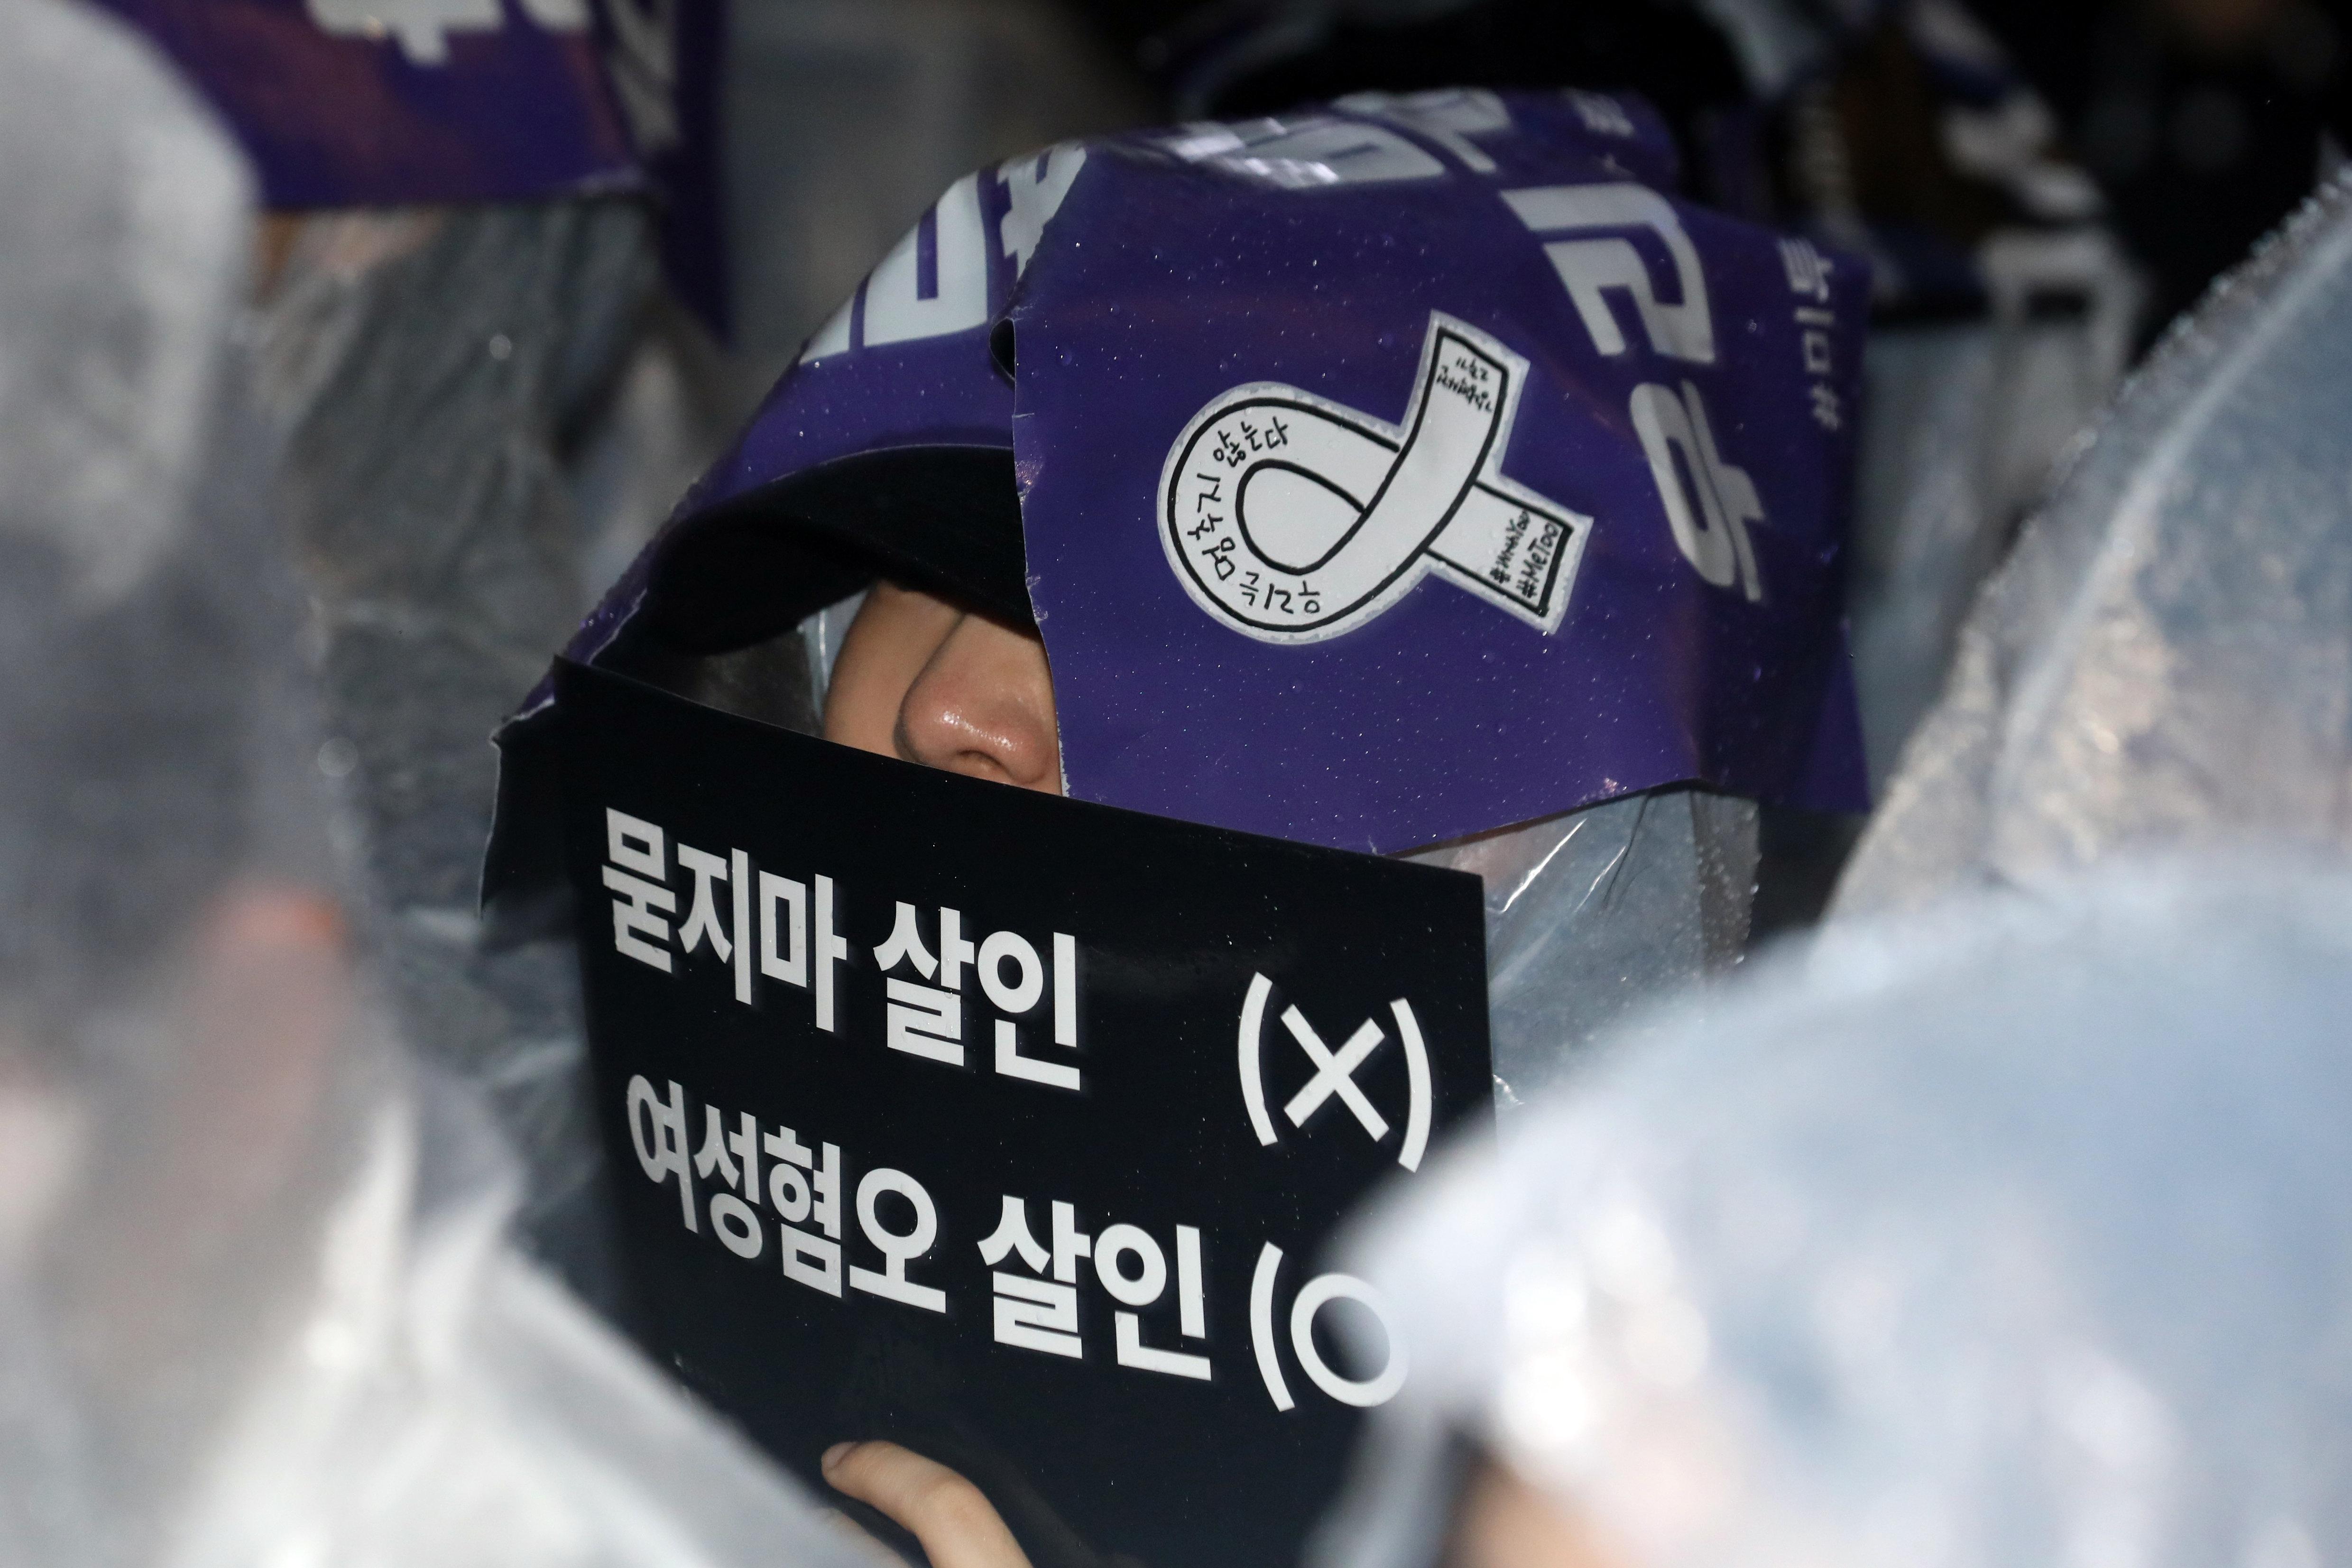 강남역 살인사건 2주기 추모 집회에서 나온